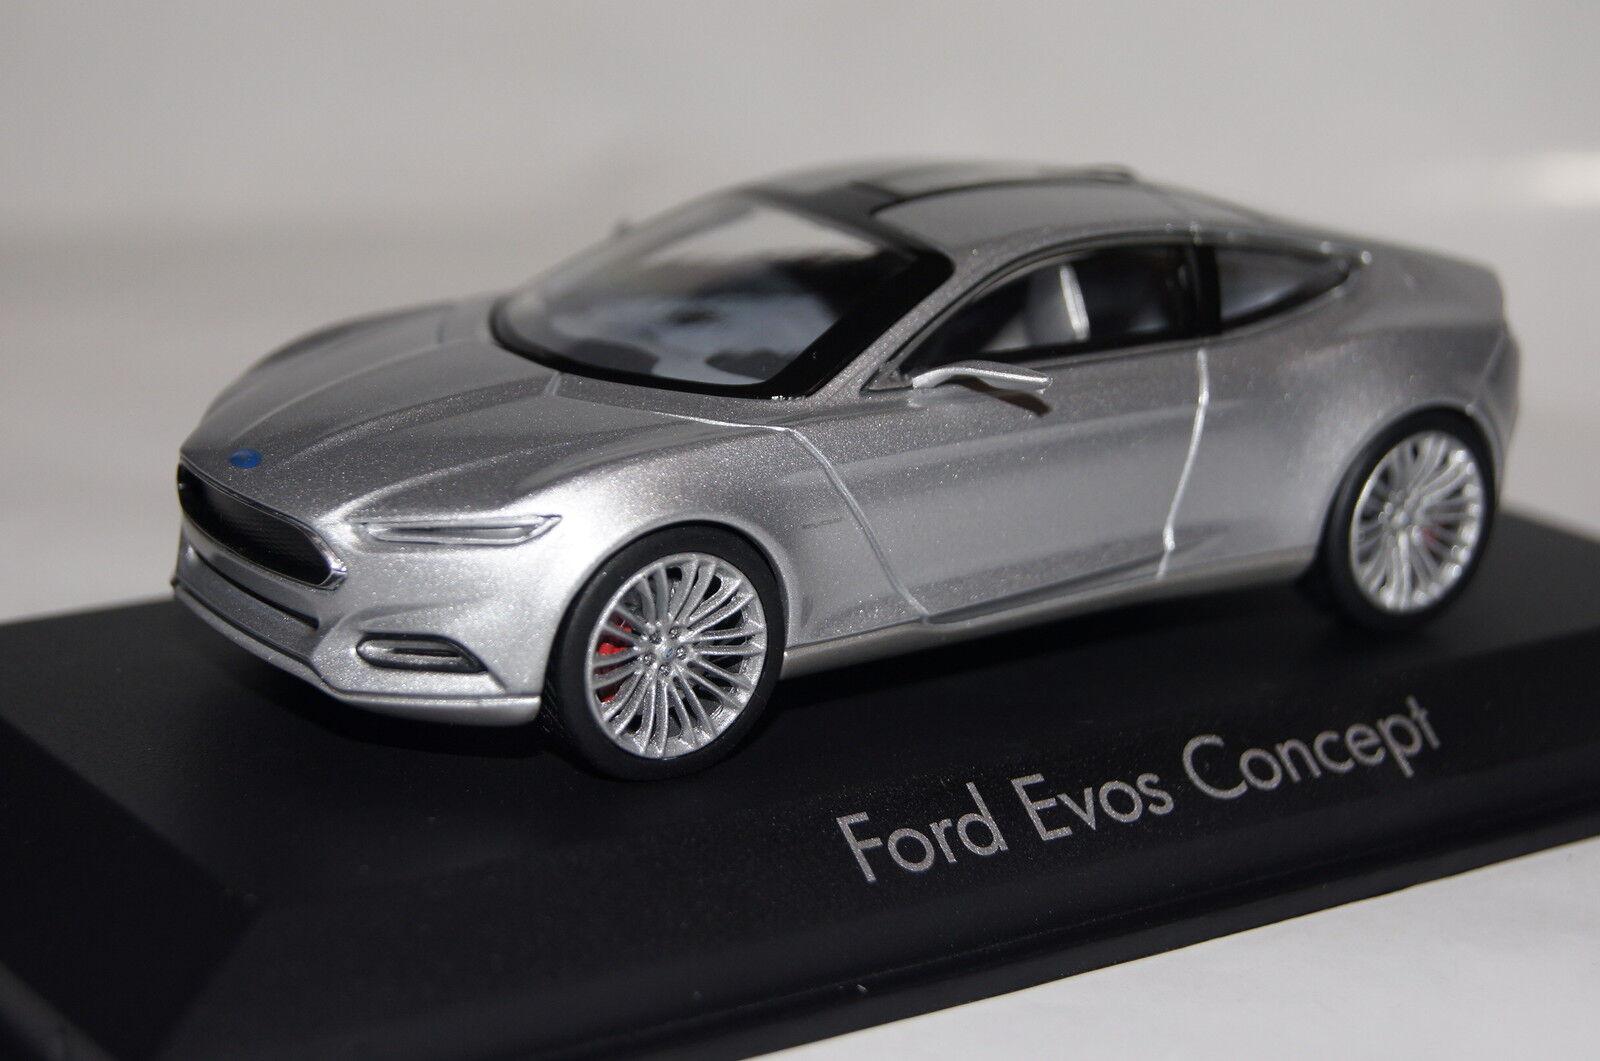 Ford EVOS concept 2012 argent 1 43 NOREV NOUVEAU & OVP 270536